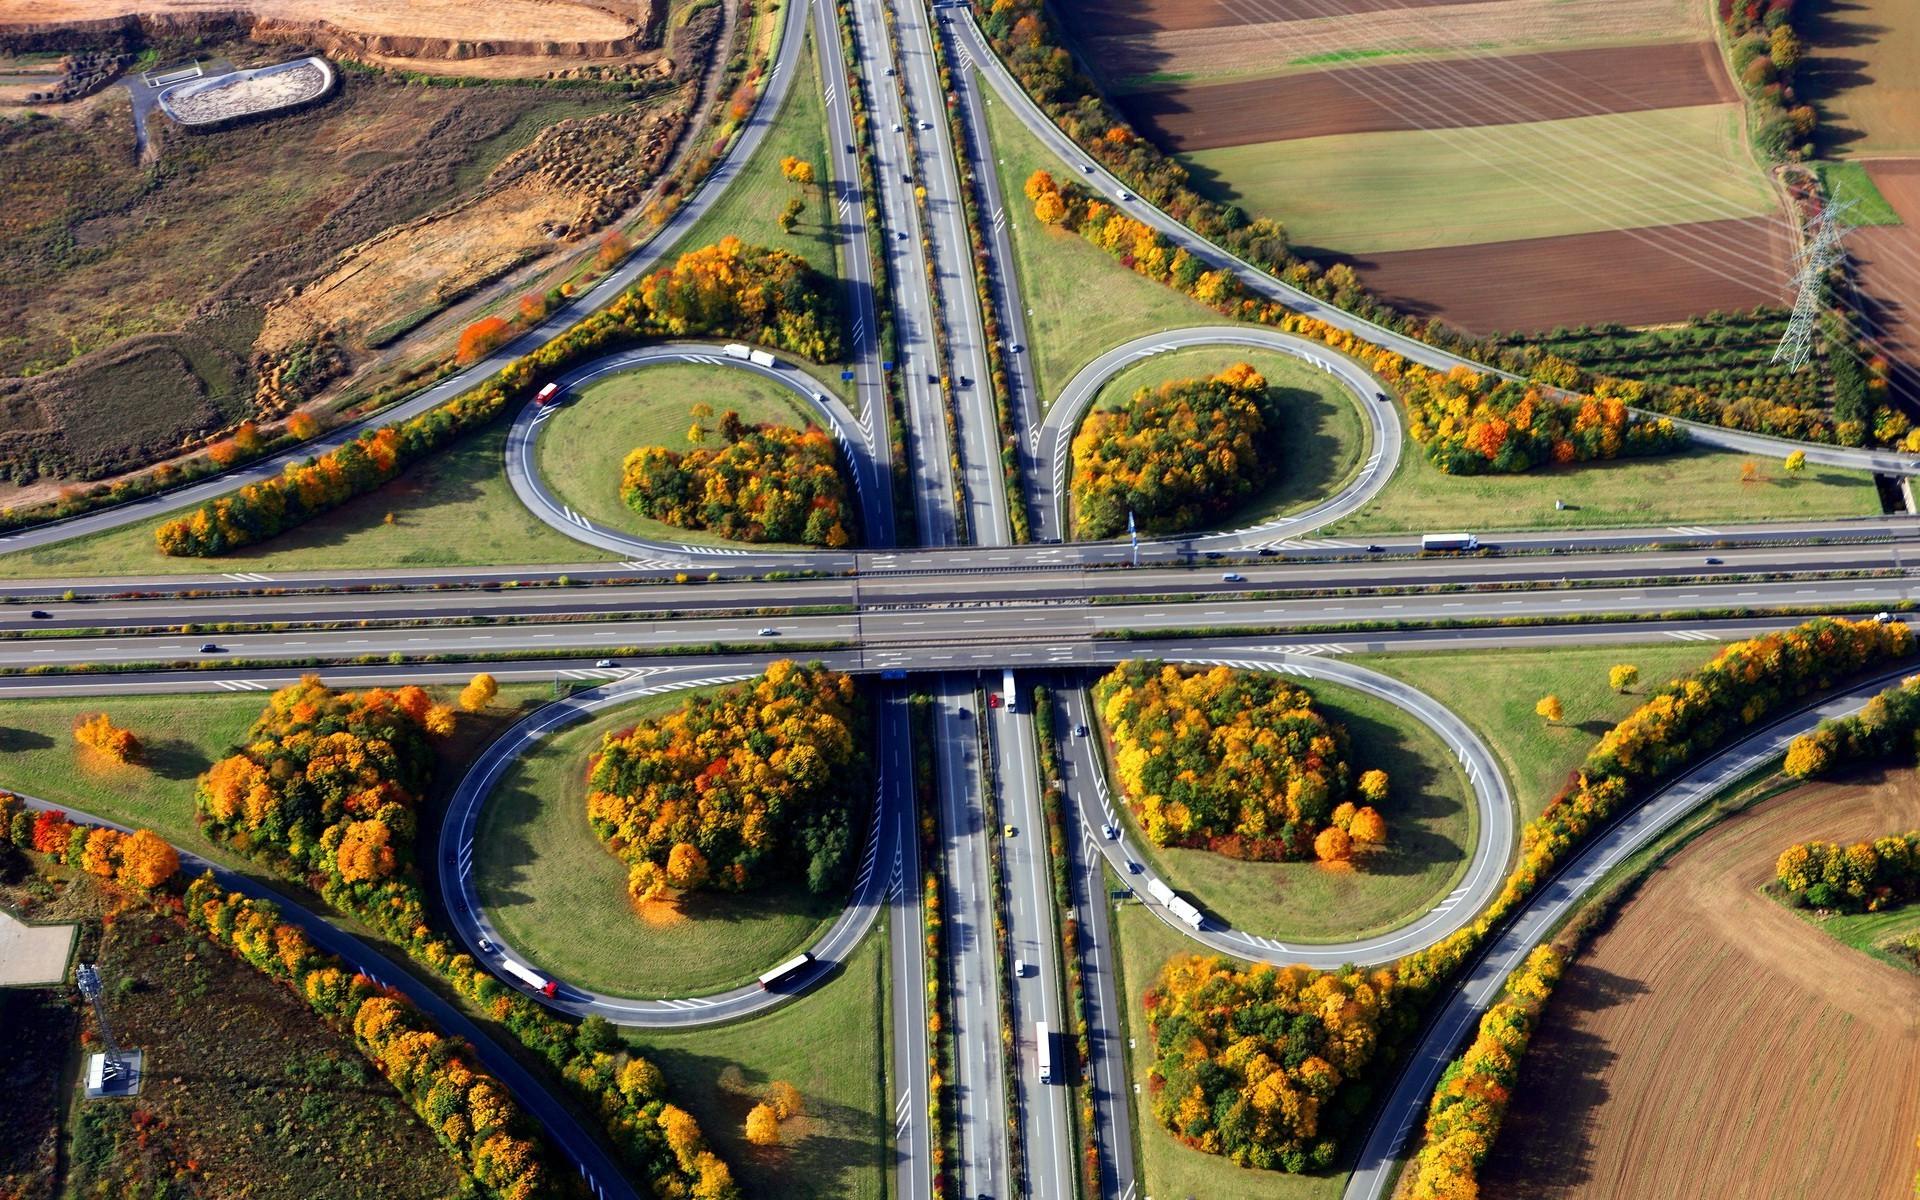 Wallpaper 3840x1080 Car Road Intersections Car Landscape Wallpapers Hd